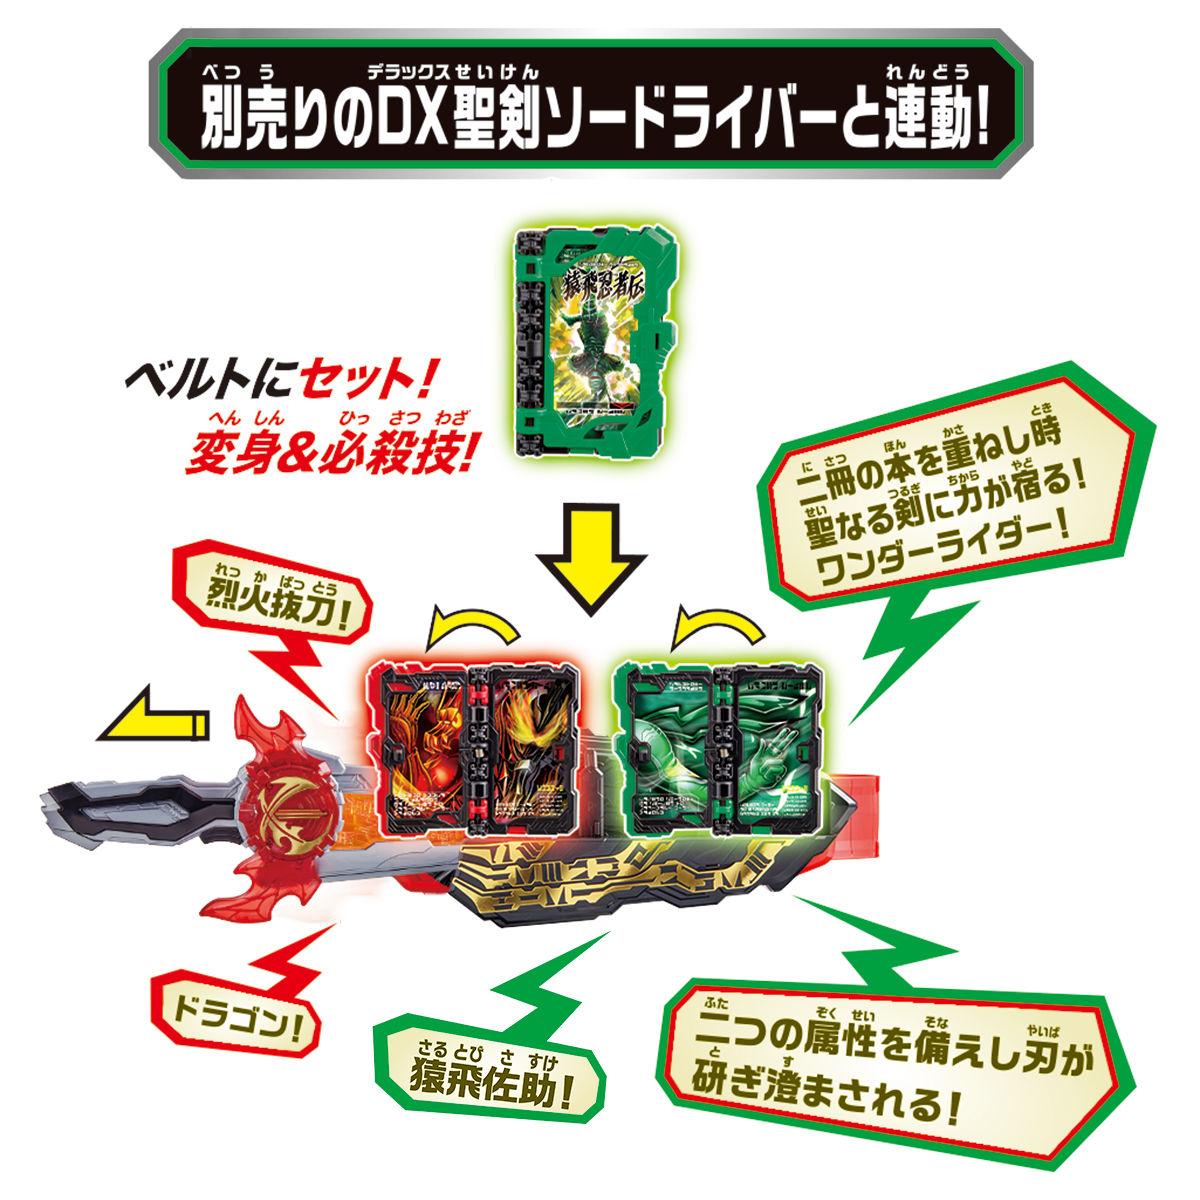 変身聖剣『DX風双剣翠風』仮面ライダー剣斬 変身なりきり-009